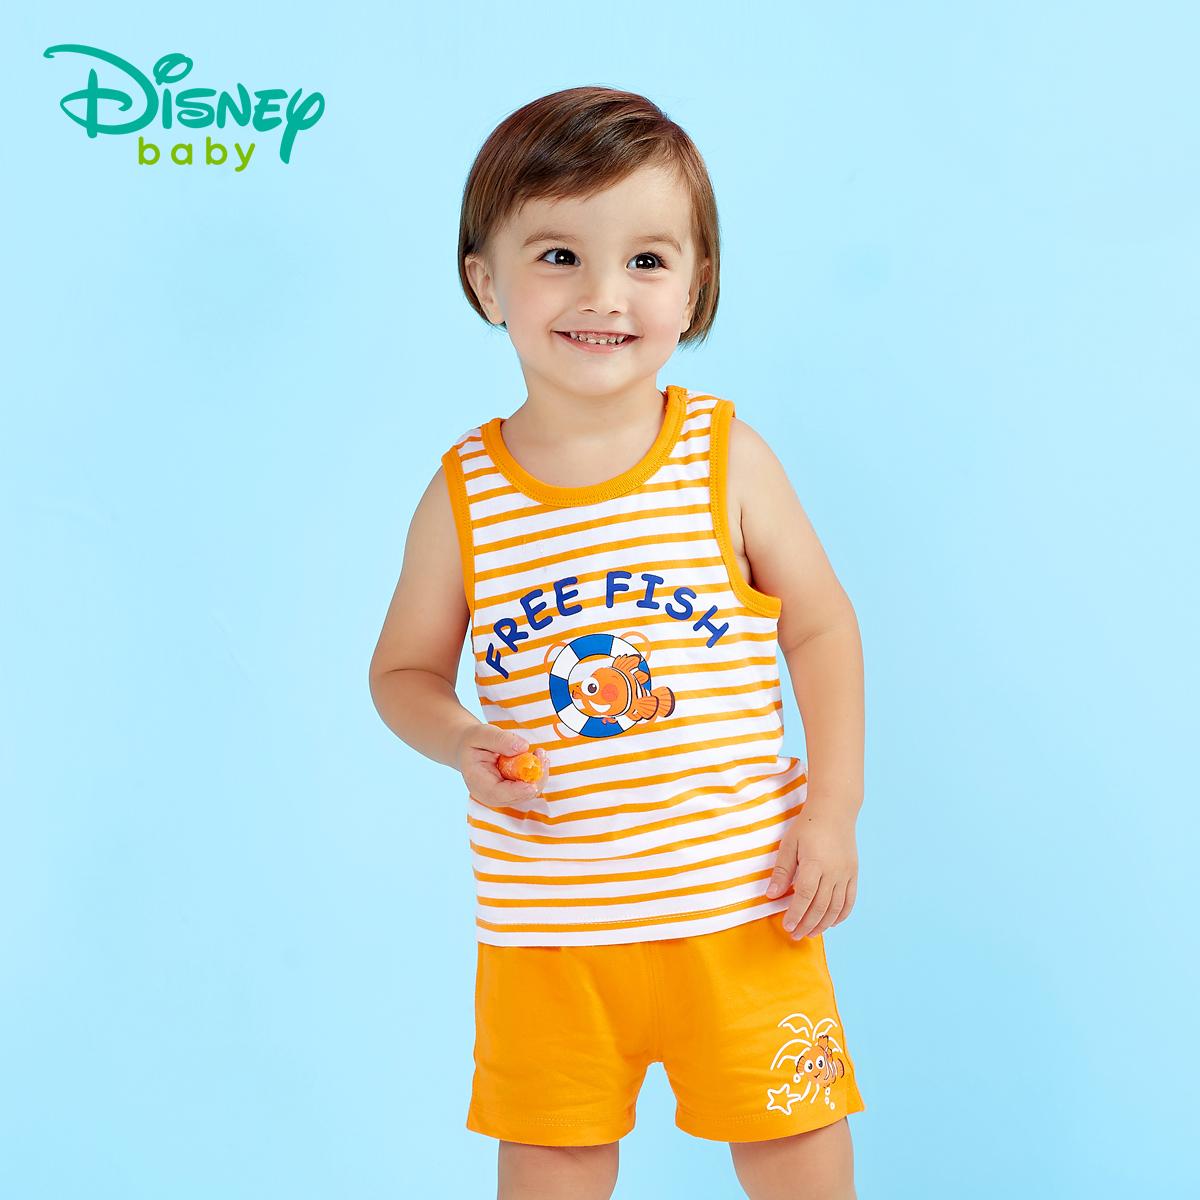 迪士尼童装男童背心儿童童装无袖男童短袖套装夏两件套2018新款可领取领券网提供的50元优惠券